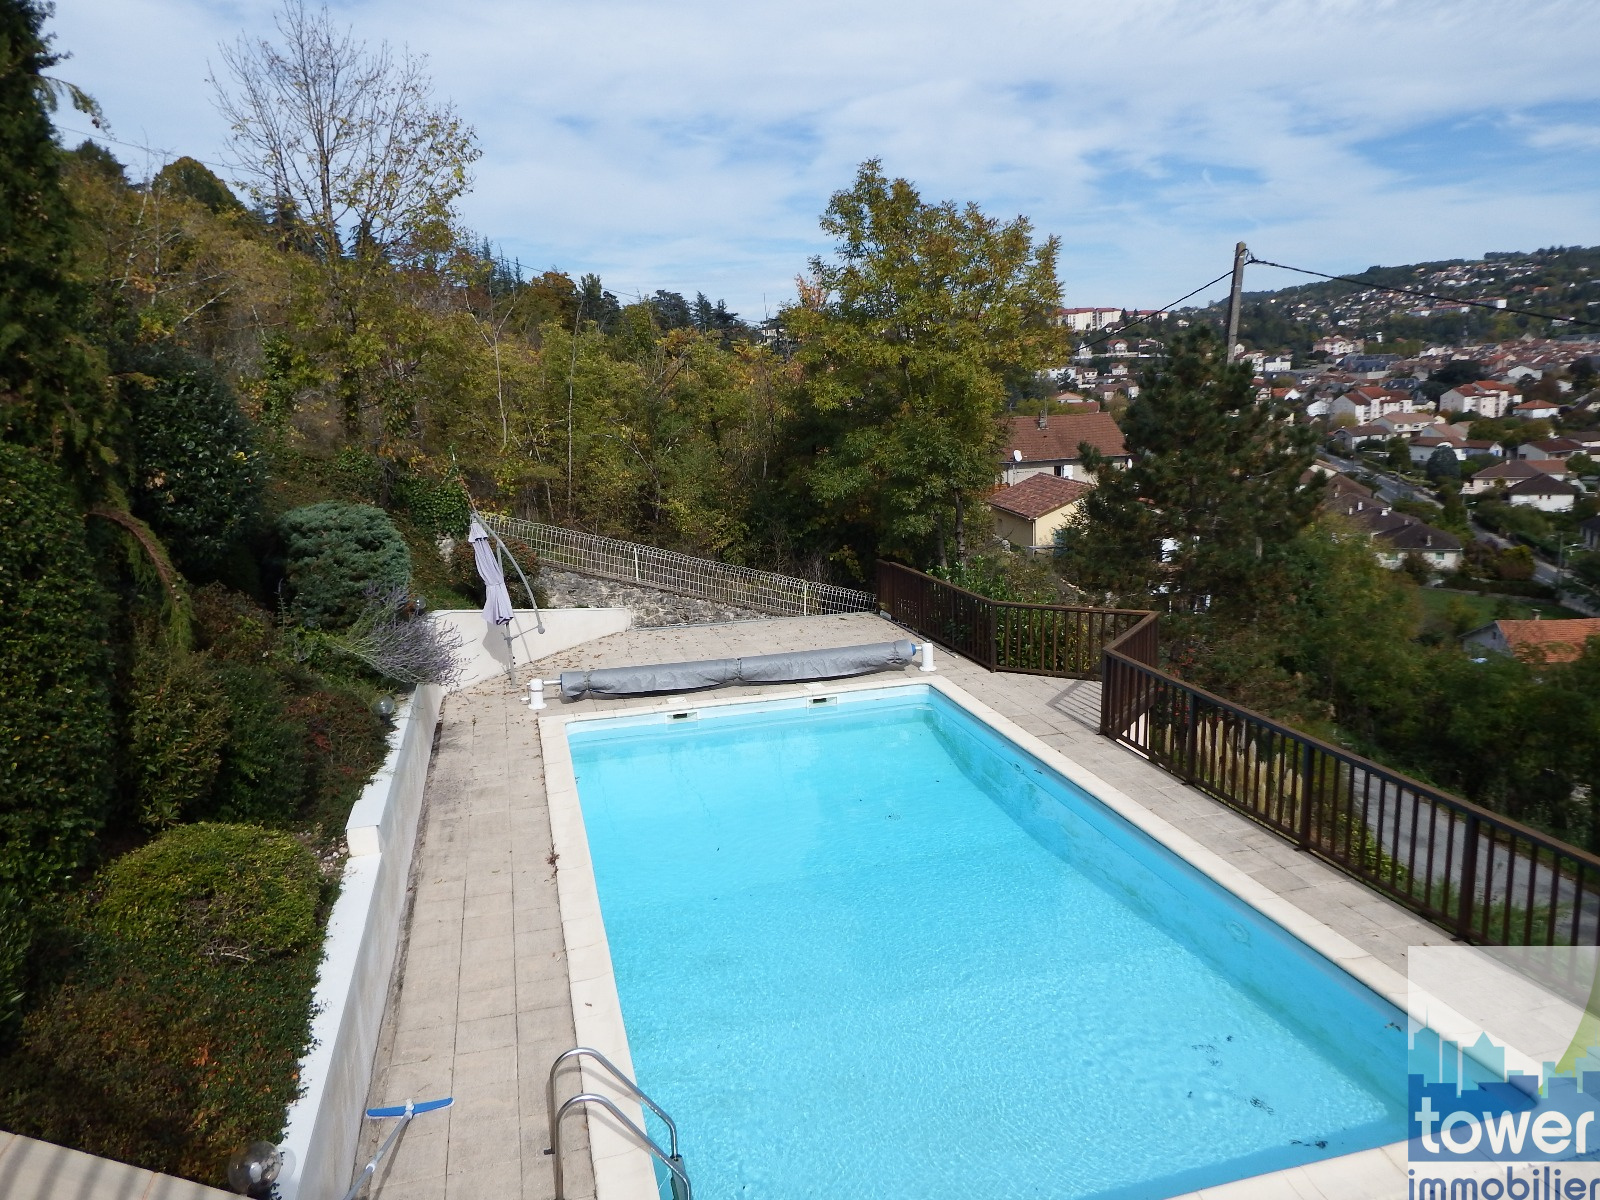 Vente maison vendre villefranche de rouergue aveyron for Aquilus piscine villefranche de rouergue